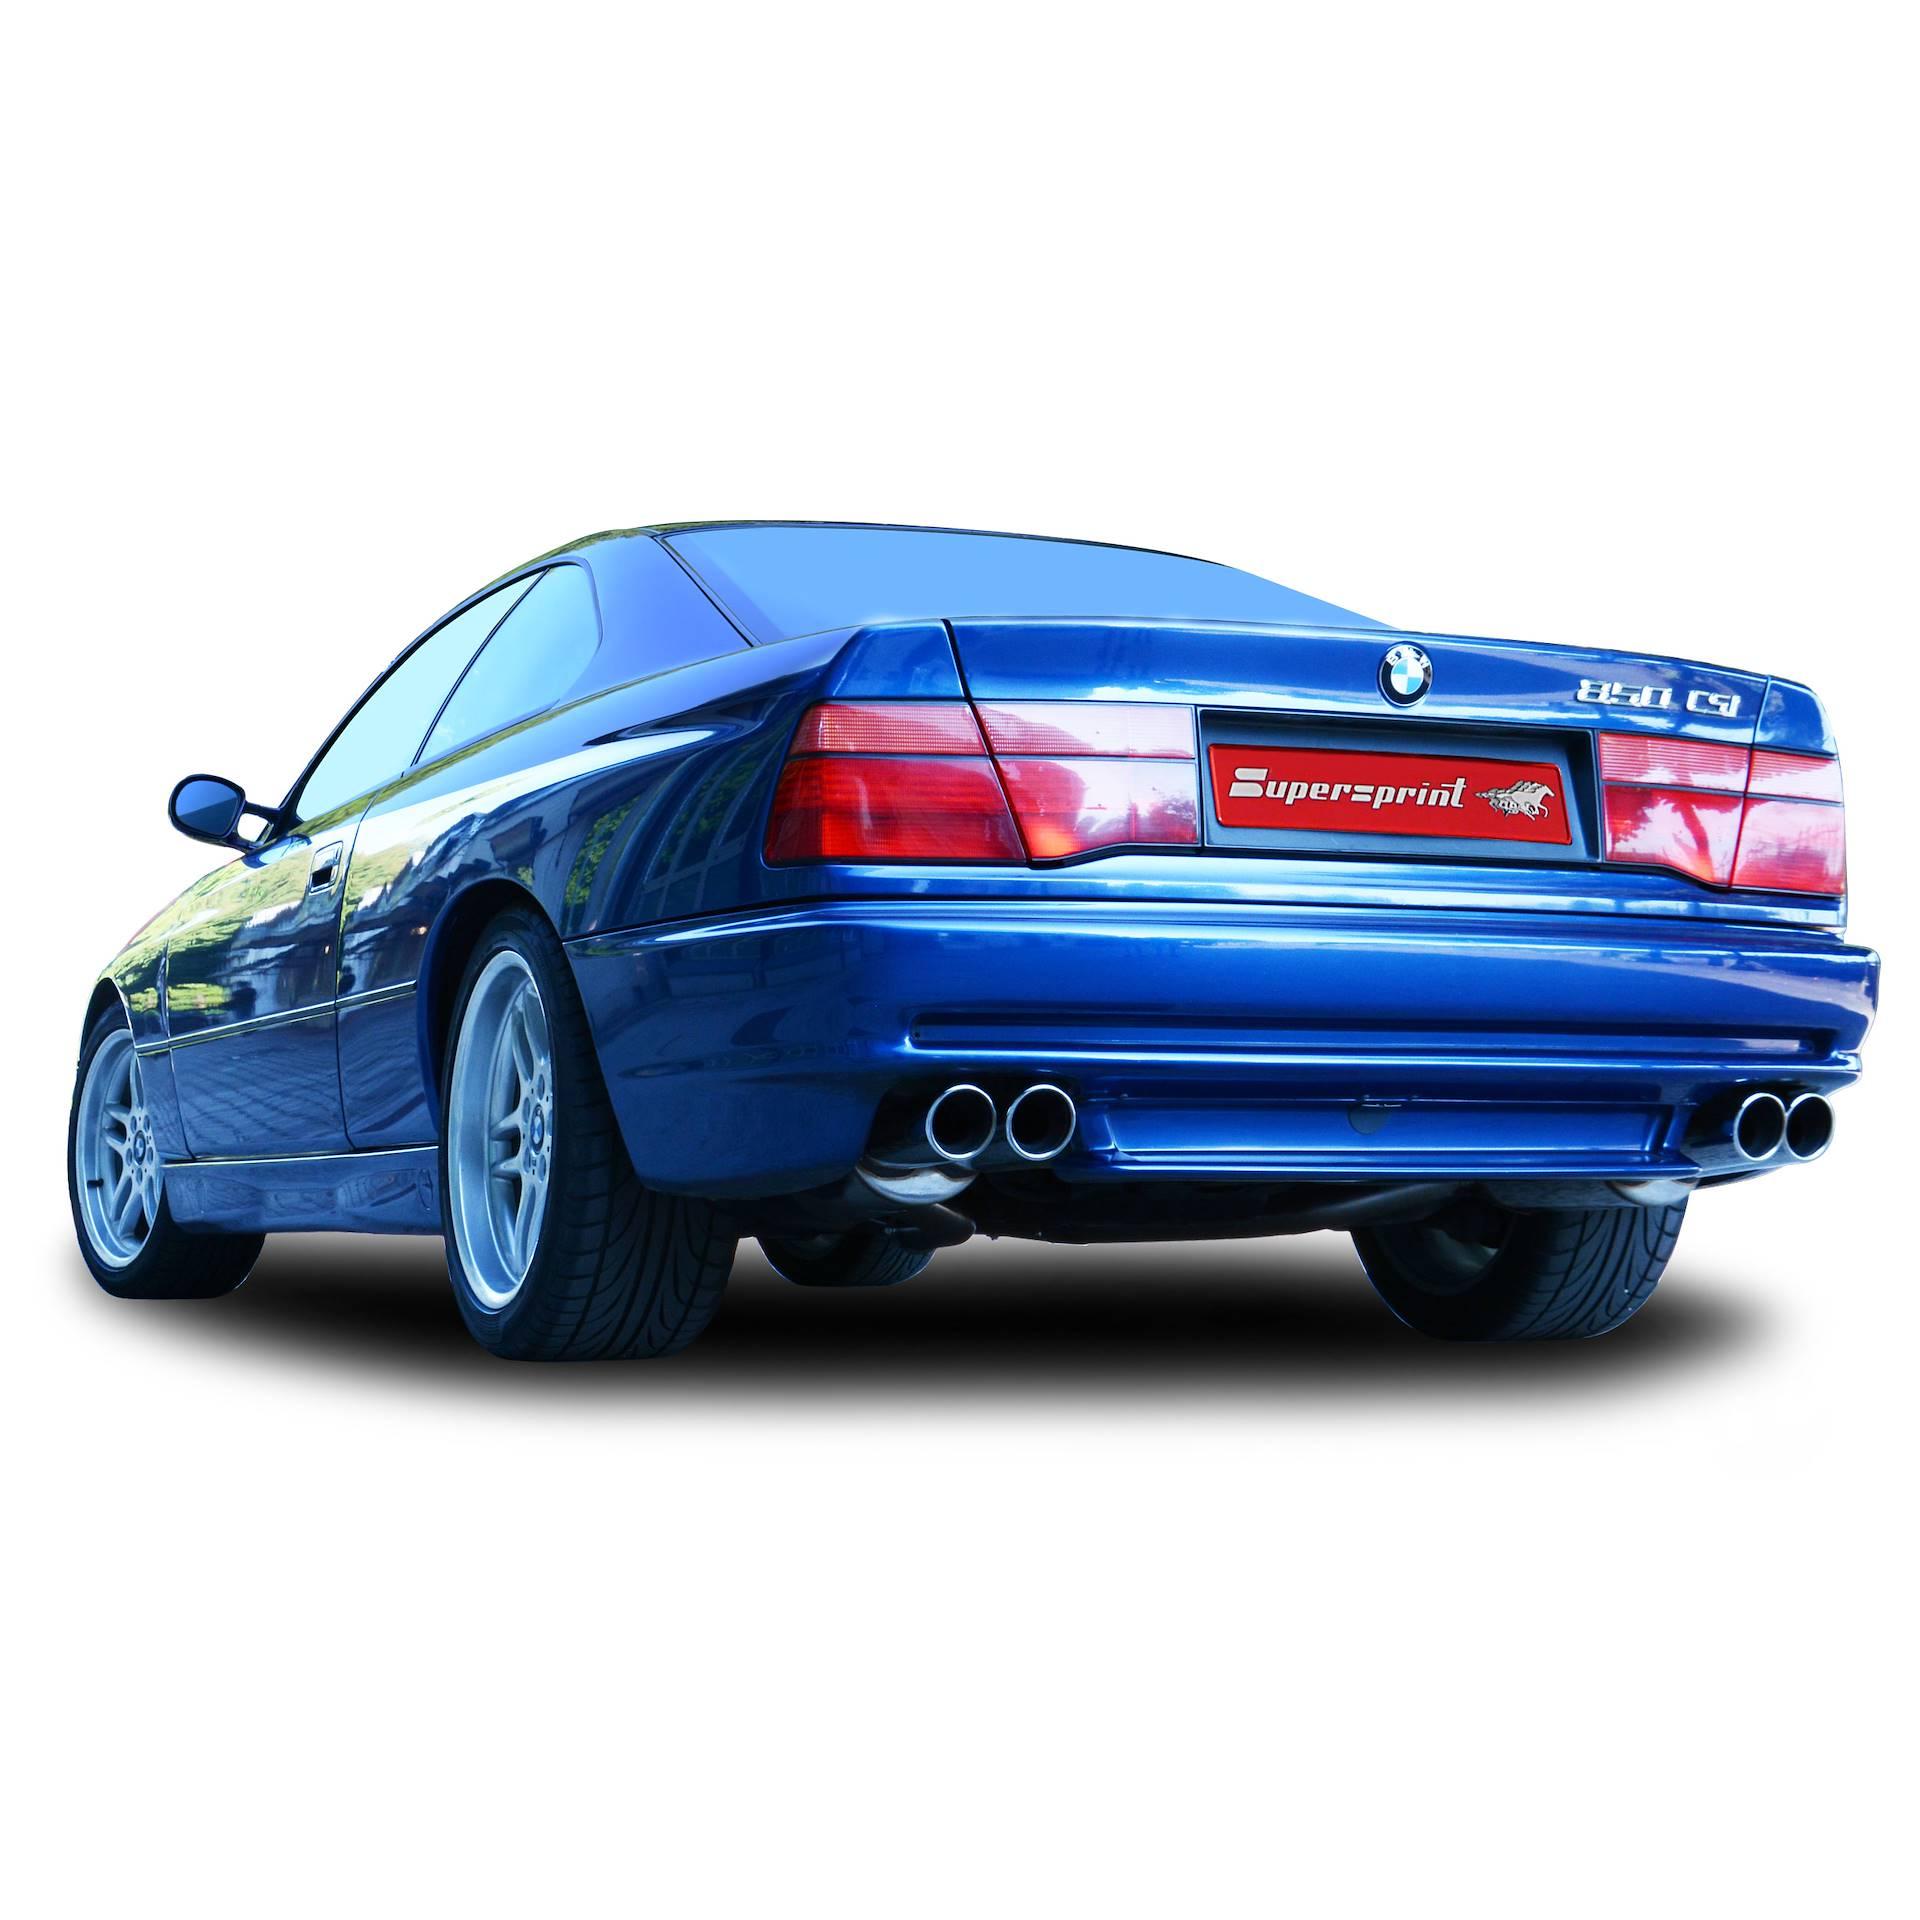 Bmw E31 850 Csi V12 S70 92 Gt 97 Bmw Classic